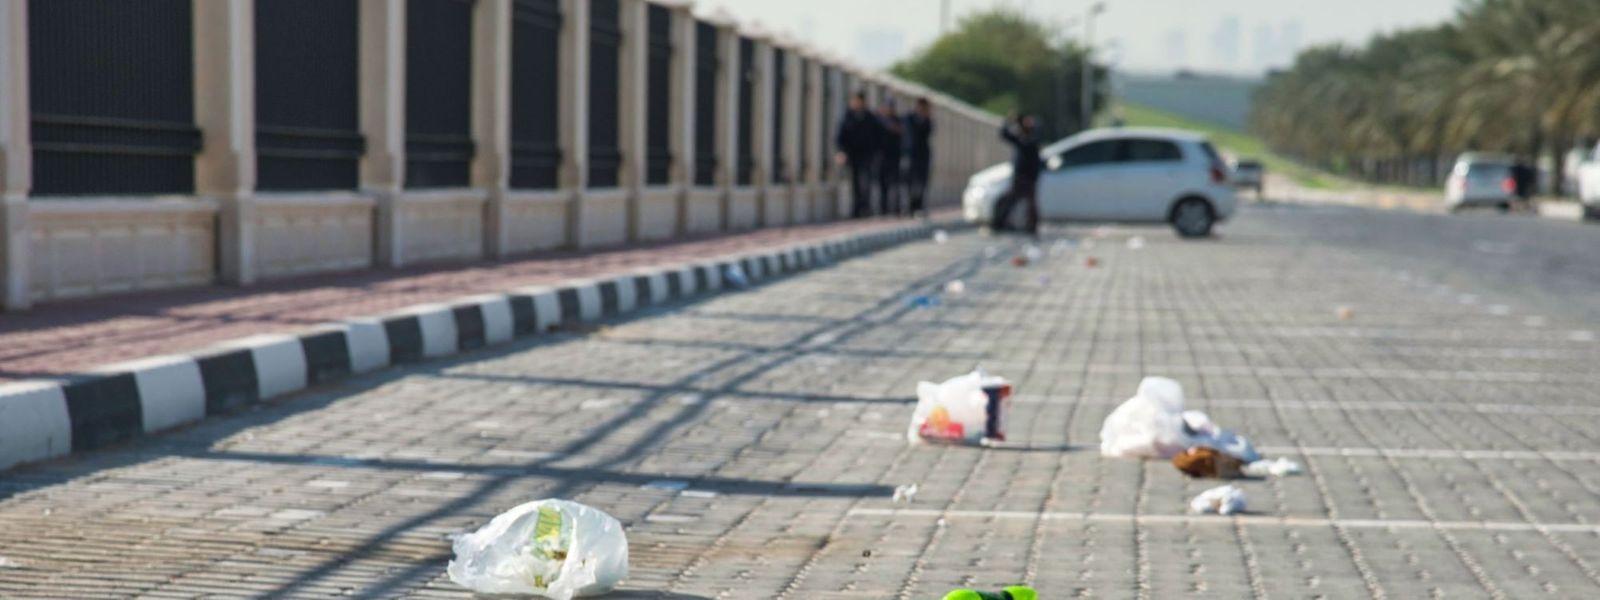 Le nettoyage des déchets laissés dans la nature coûterait 2,4 millions d'euros par an, selon le gouvernement.